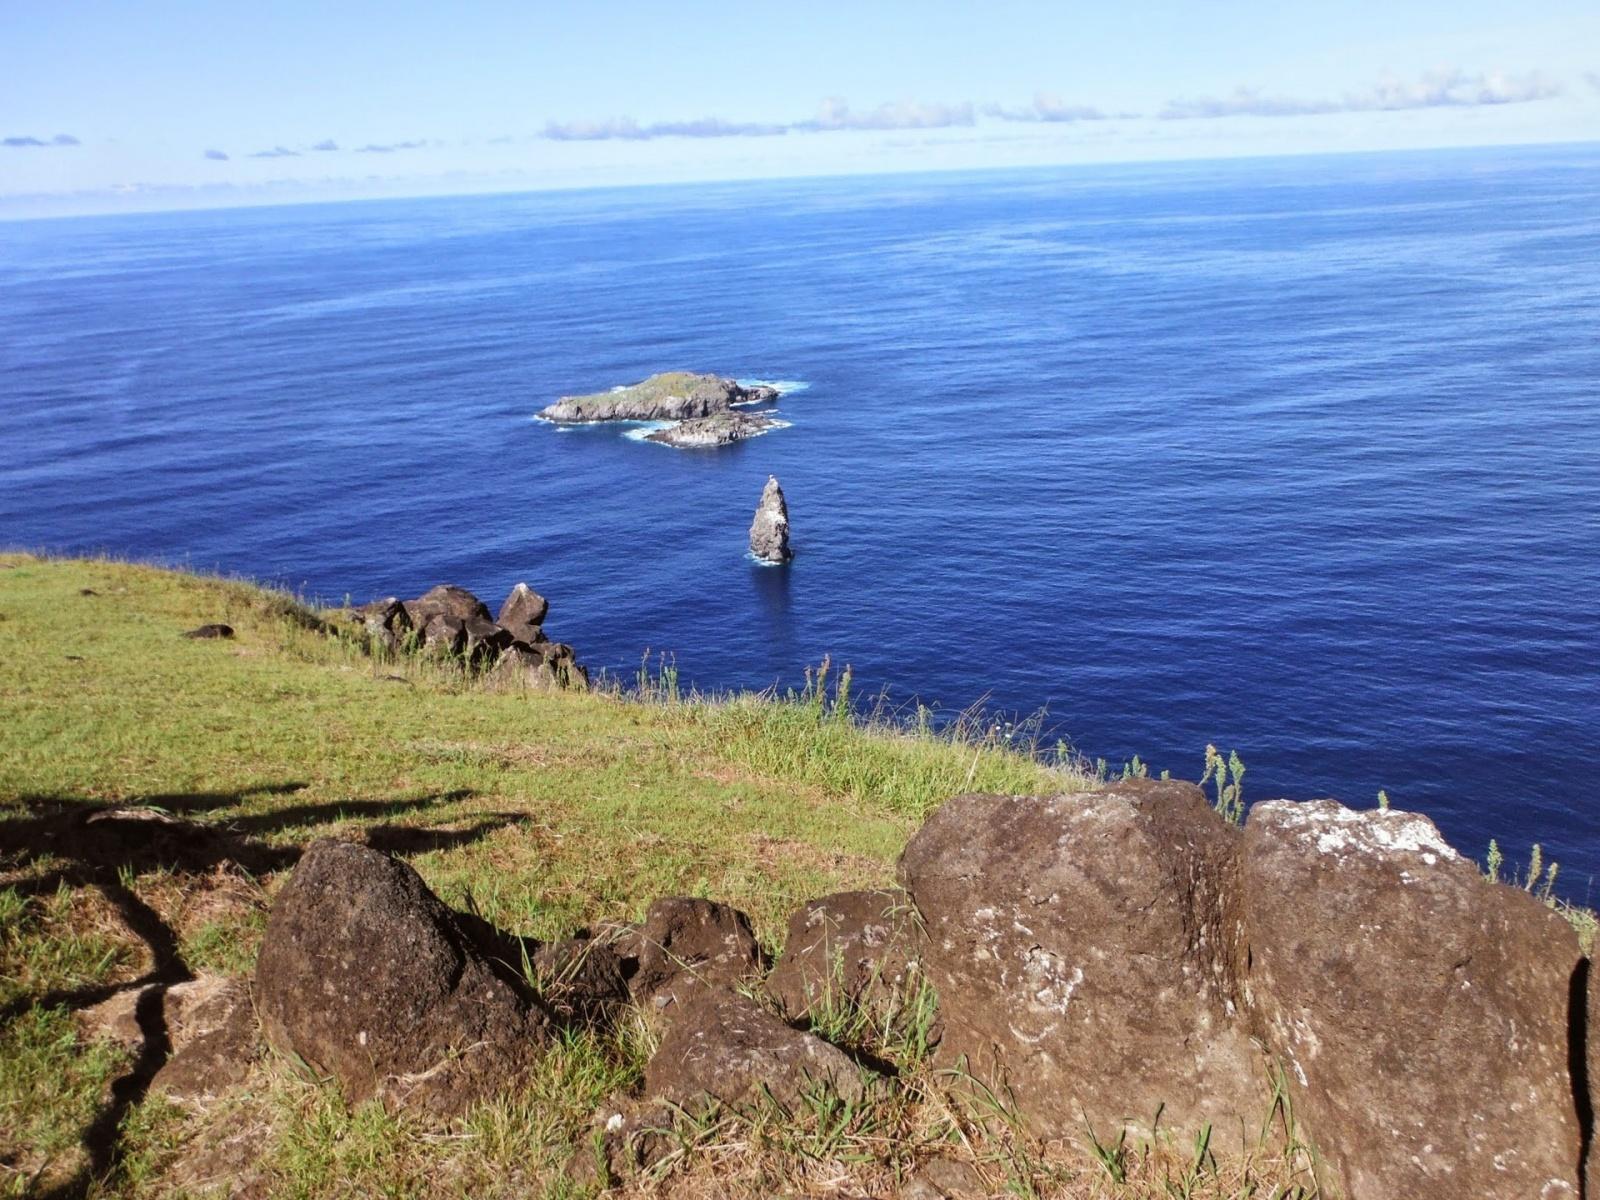 Путешествие на остров Пасхи. Экспедиция «Сибирь — Полинезия» - 22